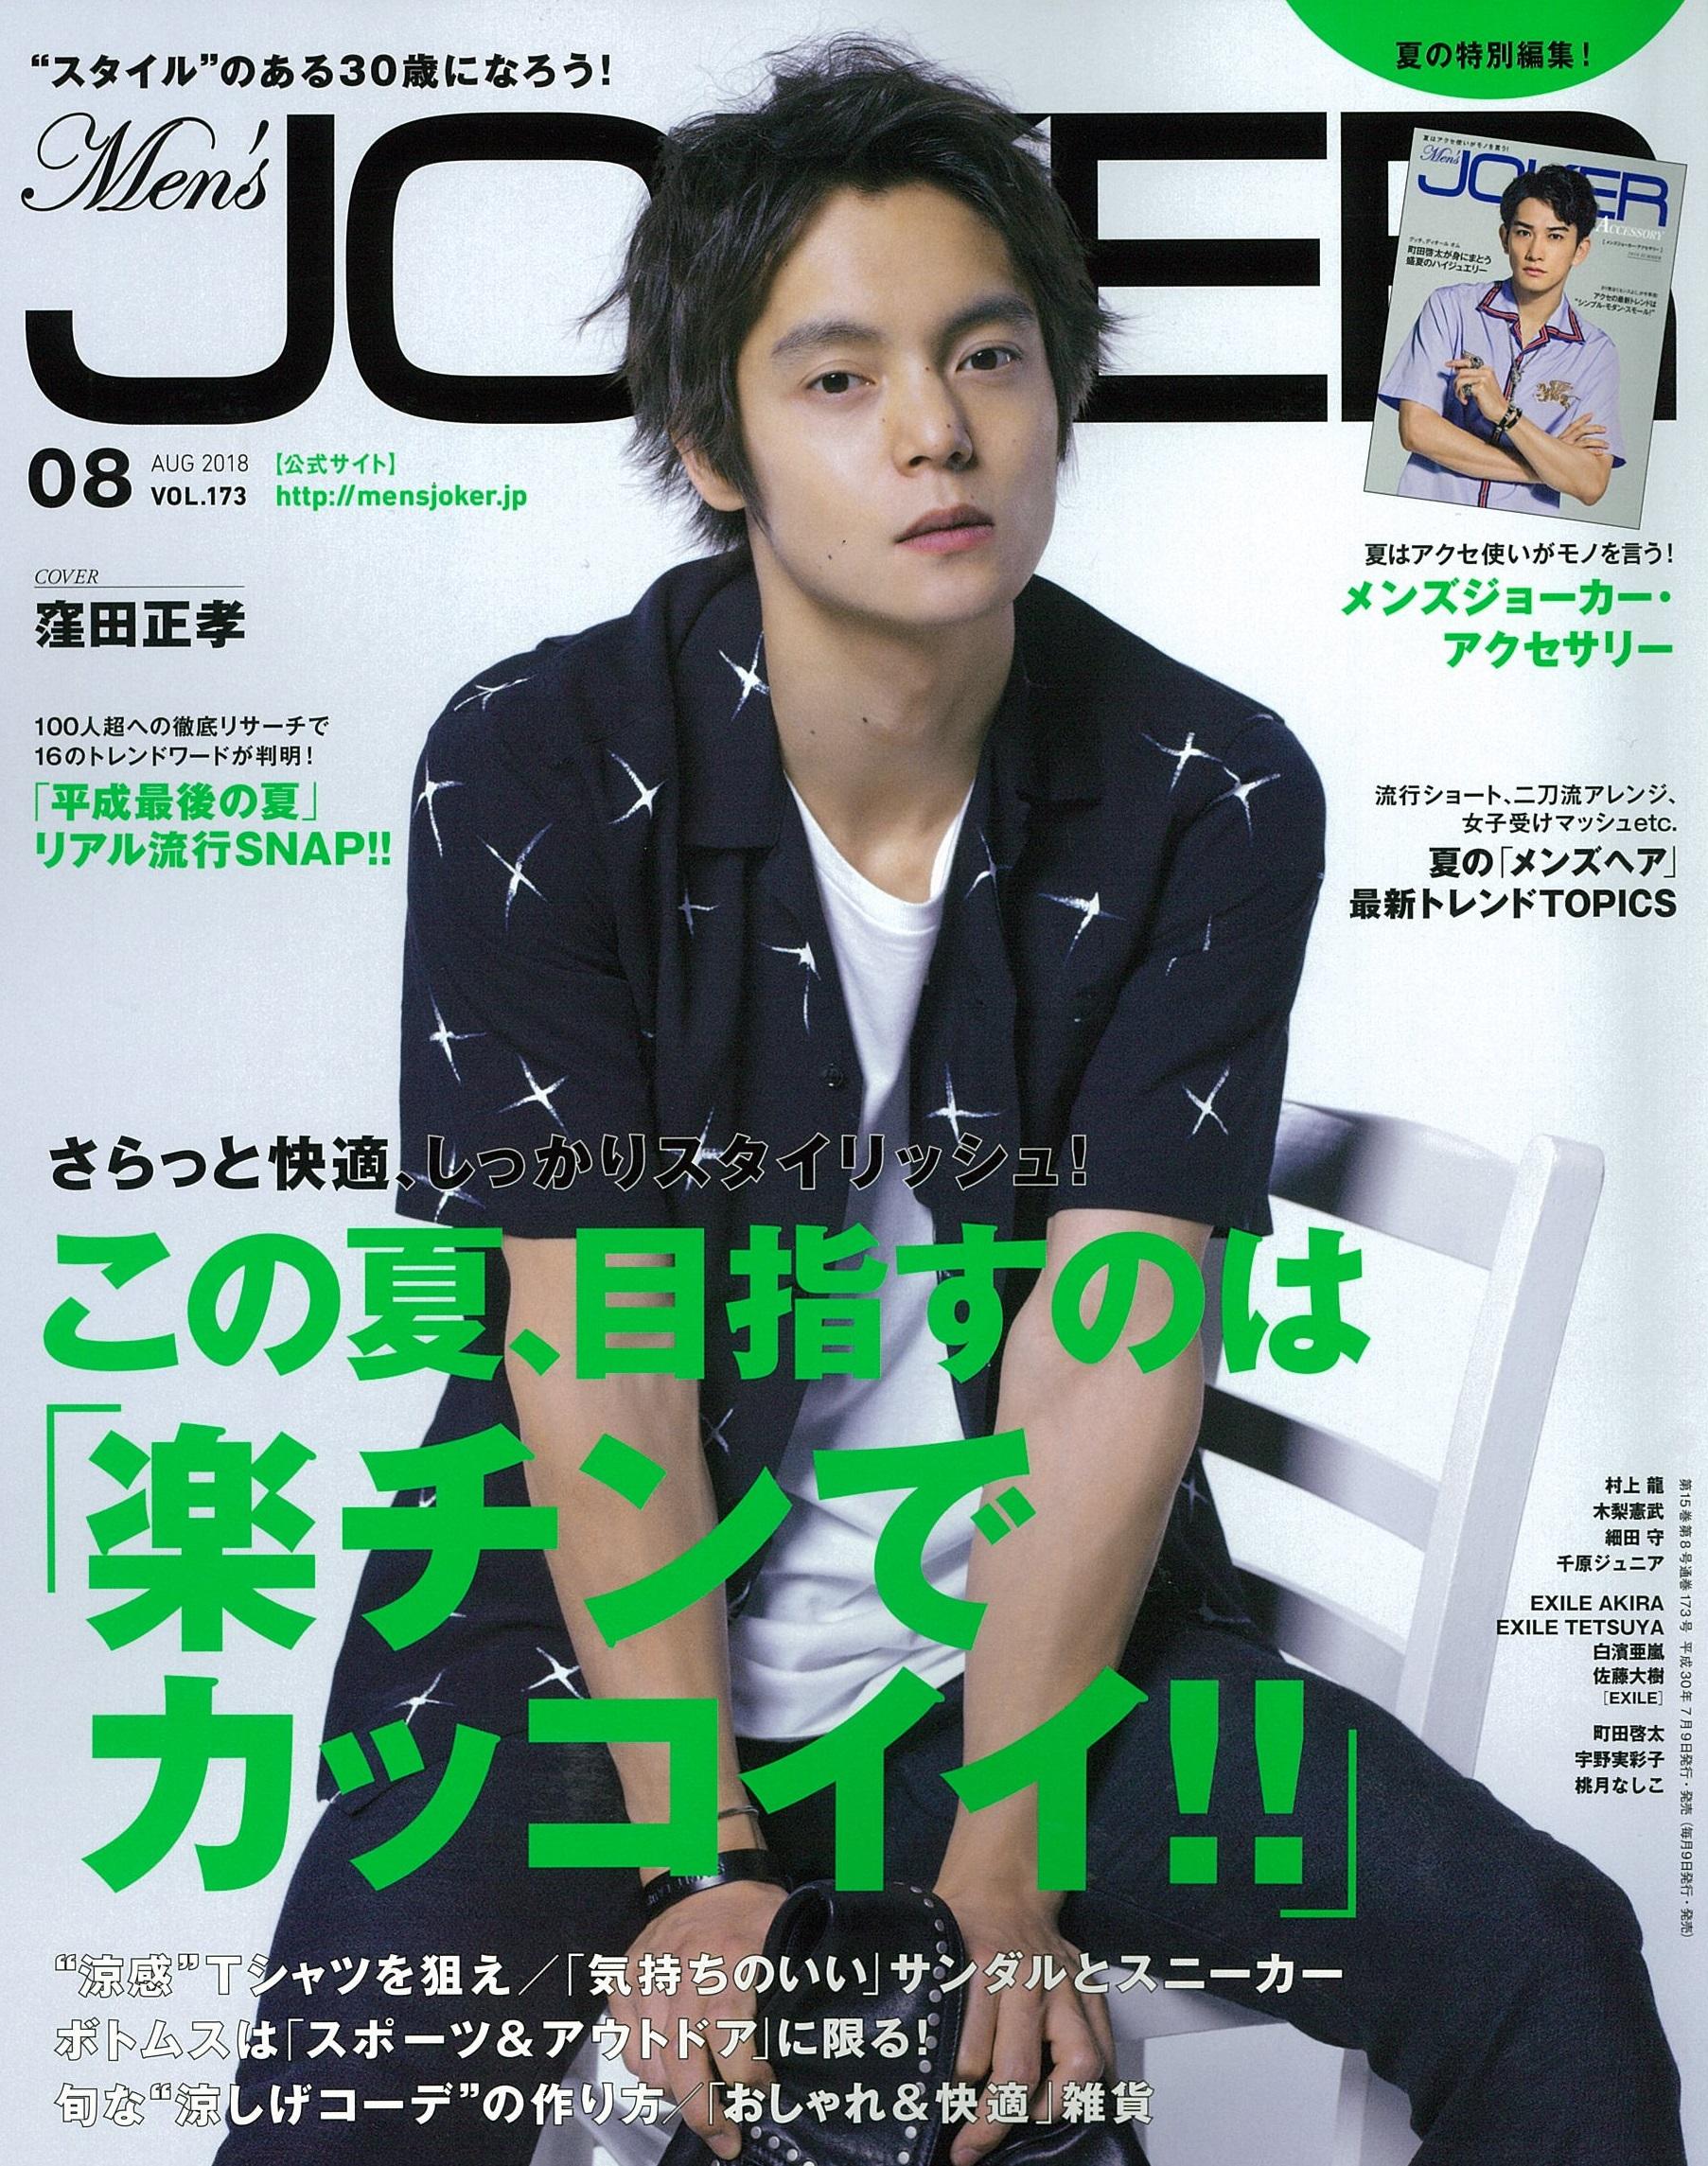 Men's JOKER 8月号 掲載